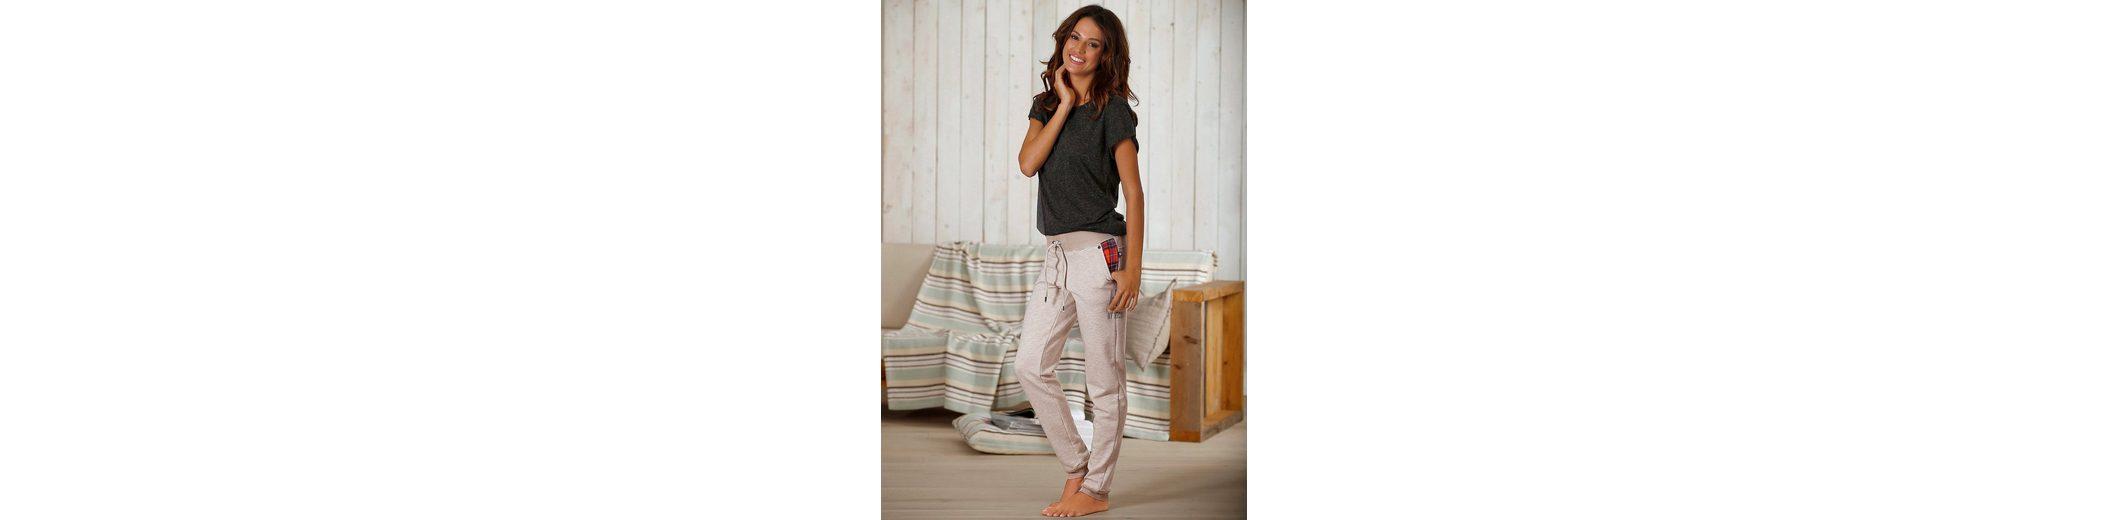 Original Günstig Online H.I.S Schmale Homewearhose mit karierten Tascheninlets Marktfähig Günstiger Preis Kostenloser Versand q4aU0OW